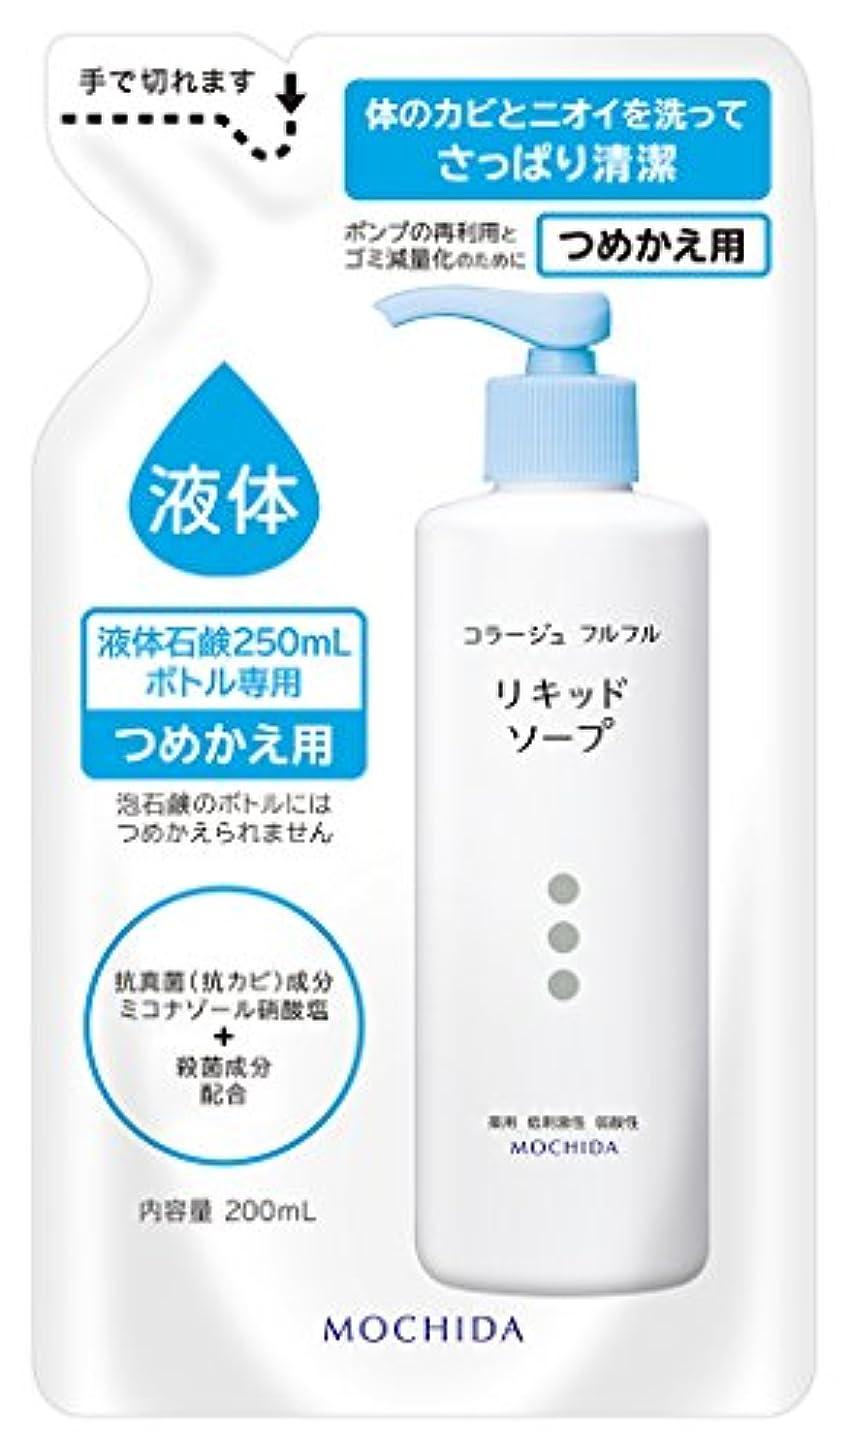 逆パトワ手荷物コラージュフルフル 液体石鹸 (つめかえ用) 200mL (医薬部外品)